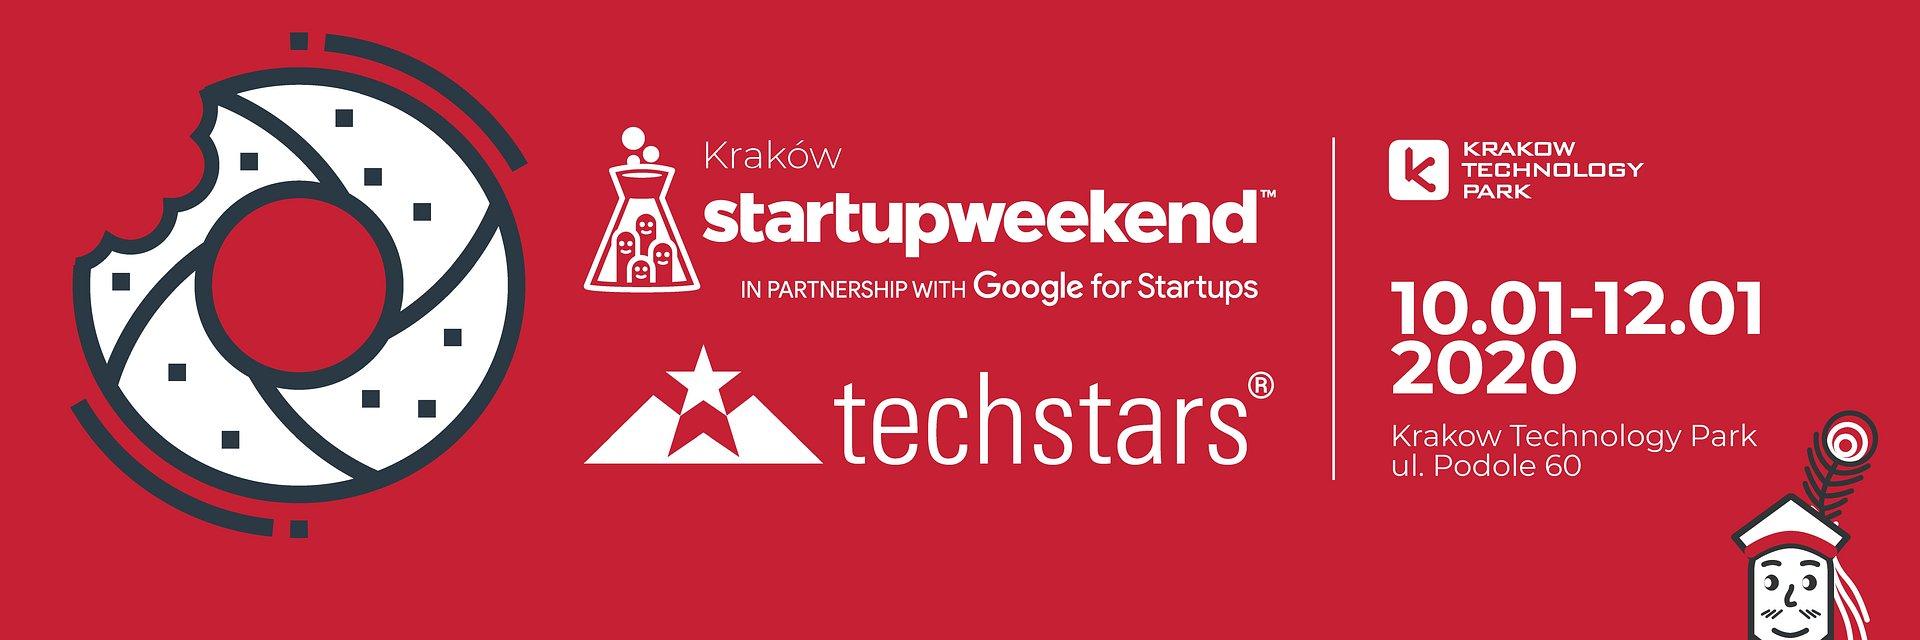 Rusza Startup Weekend Kraków 2020!